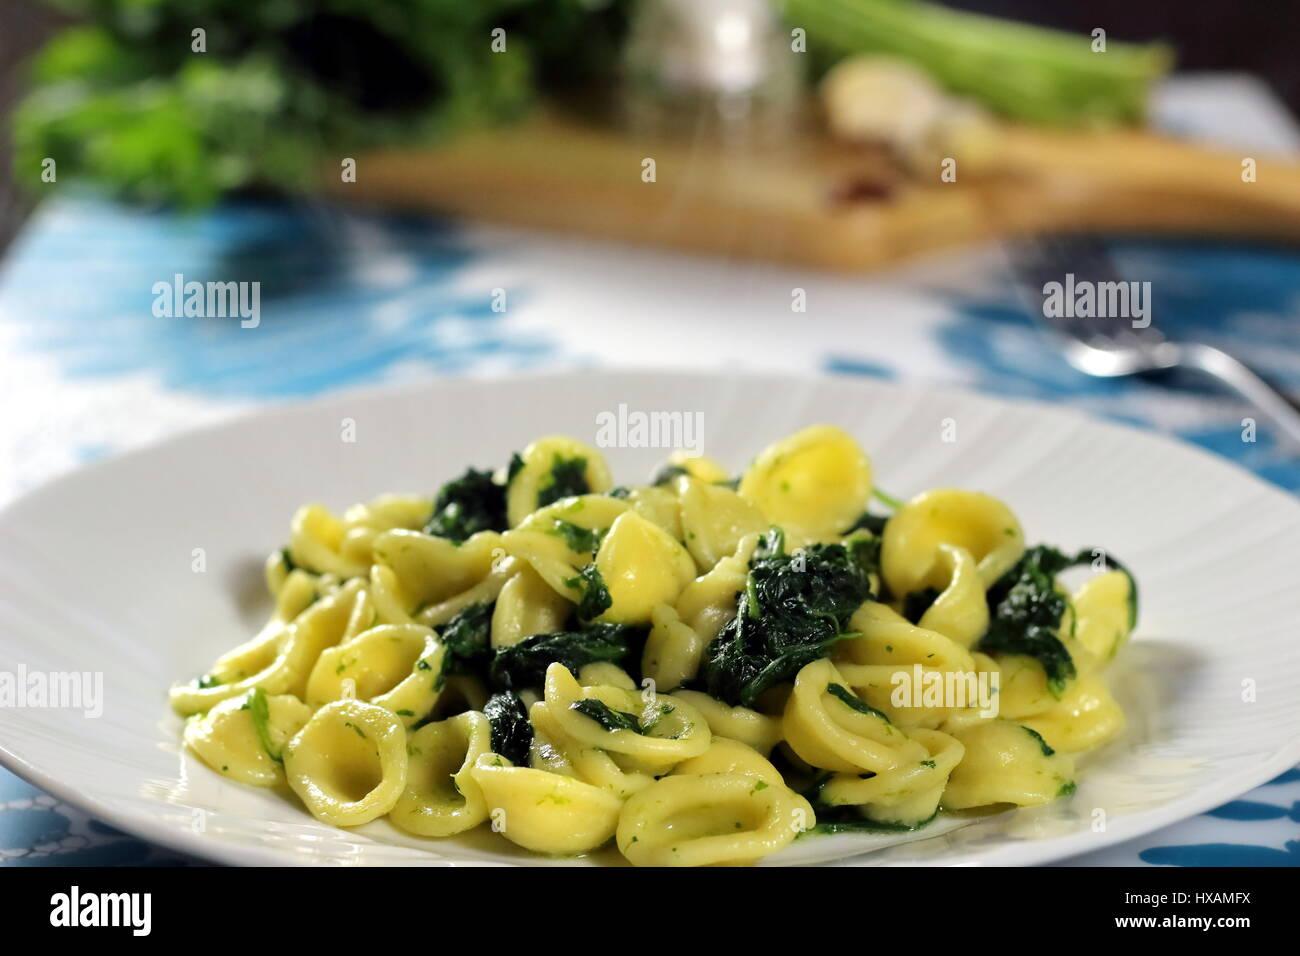 Los nabos (las hojas verdes de berza) pasta italiana (Orecchiette alle cime di rapa) sirve en un plato blanco con Imagen De Stock